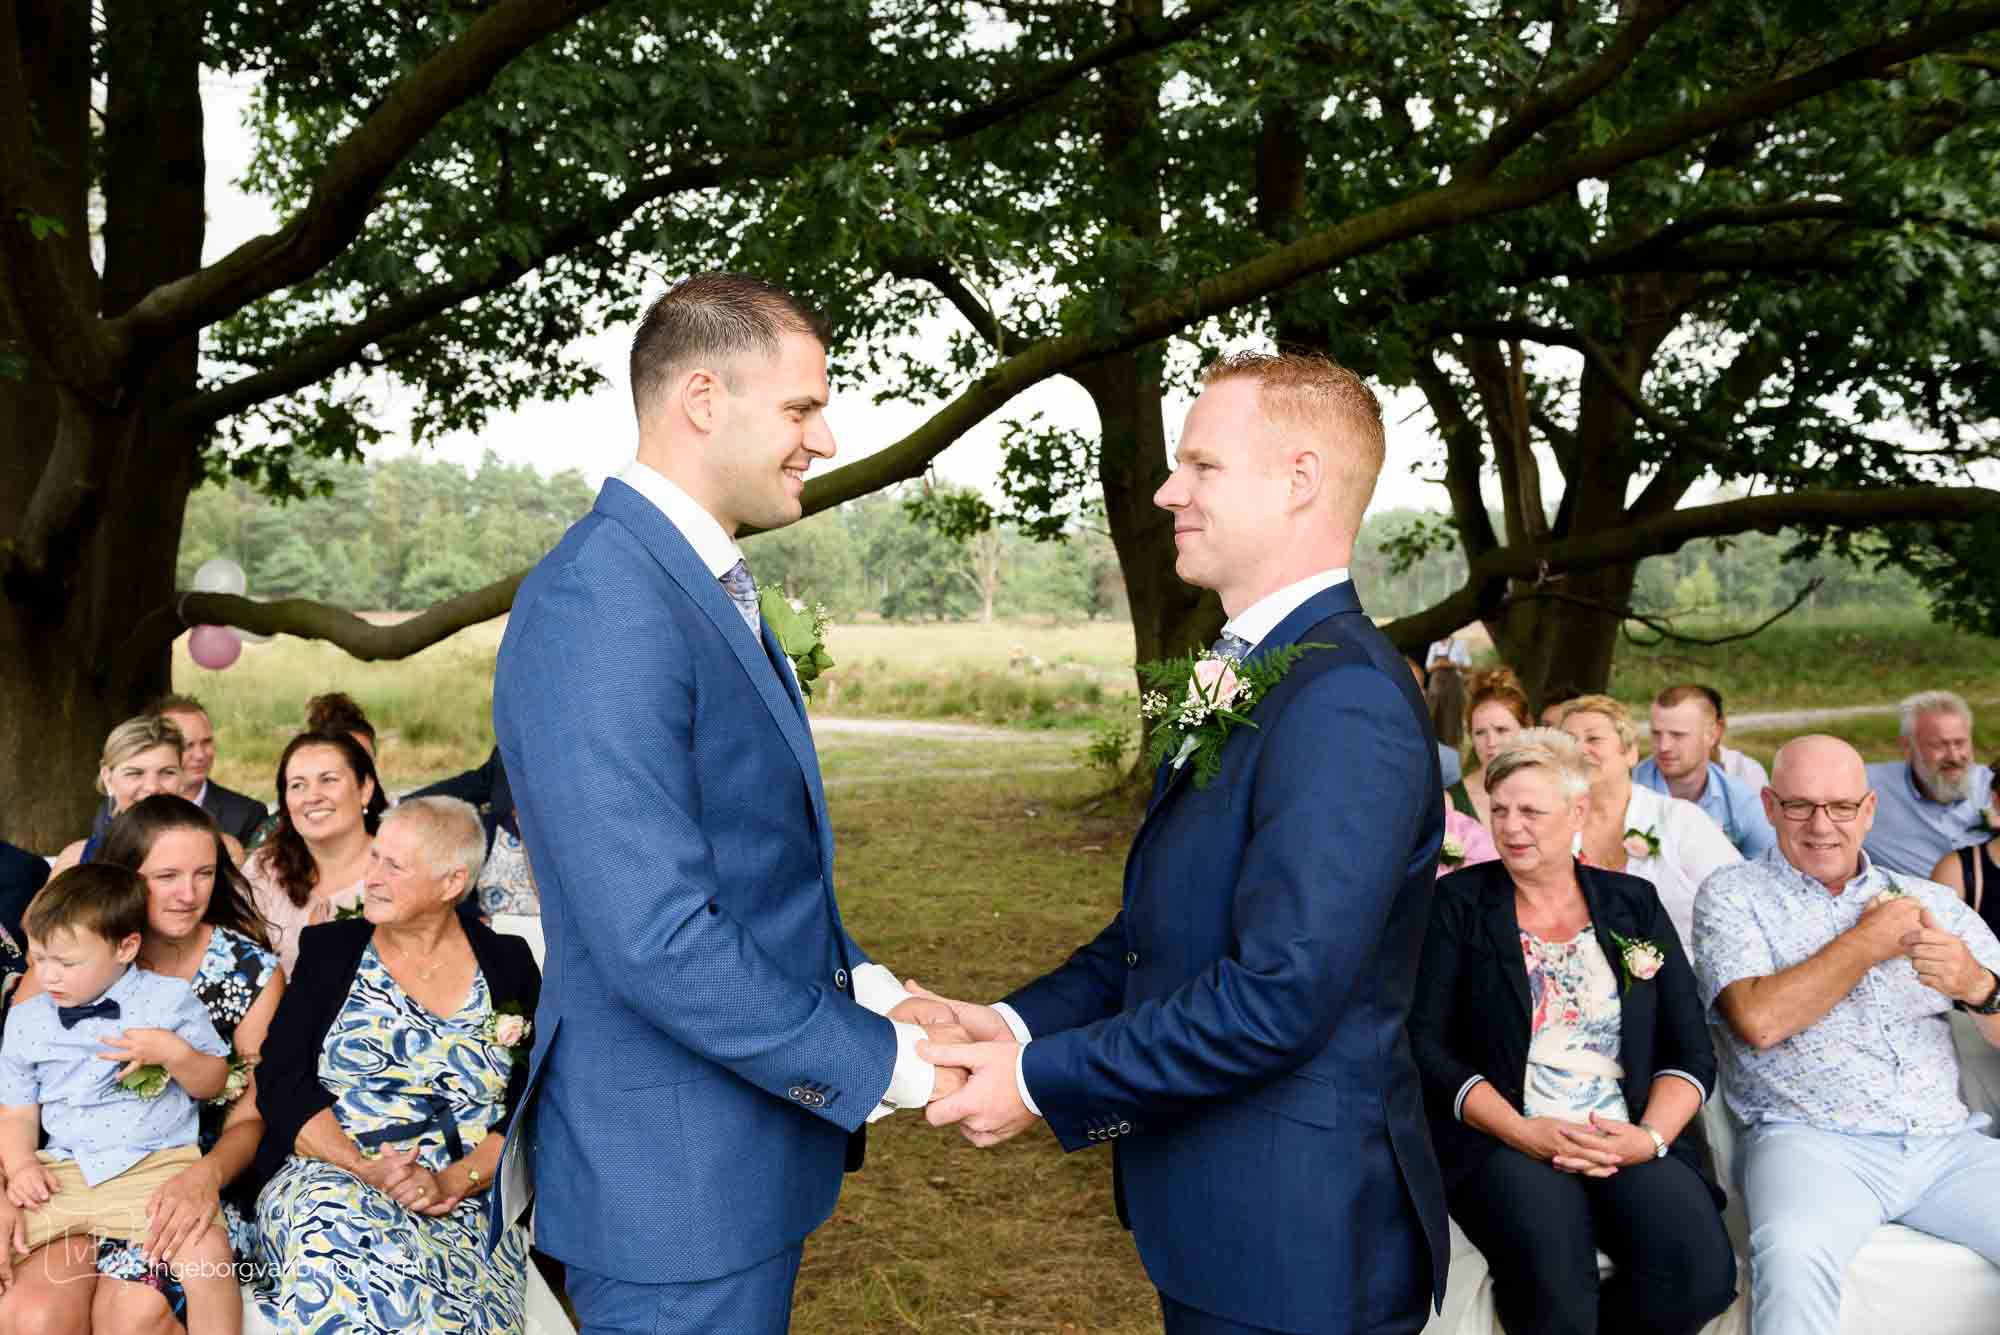 Trouwfotogtrafie Homo huwelijk Heide Amersfoort-0022